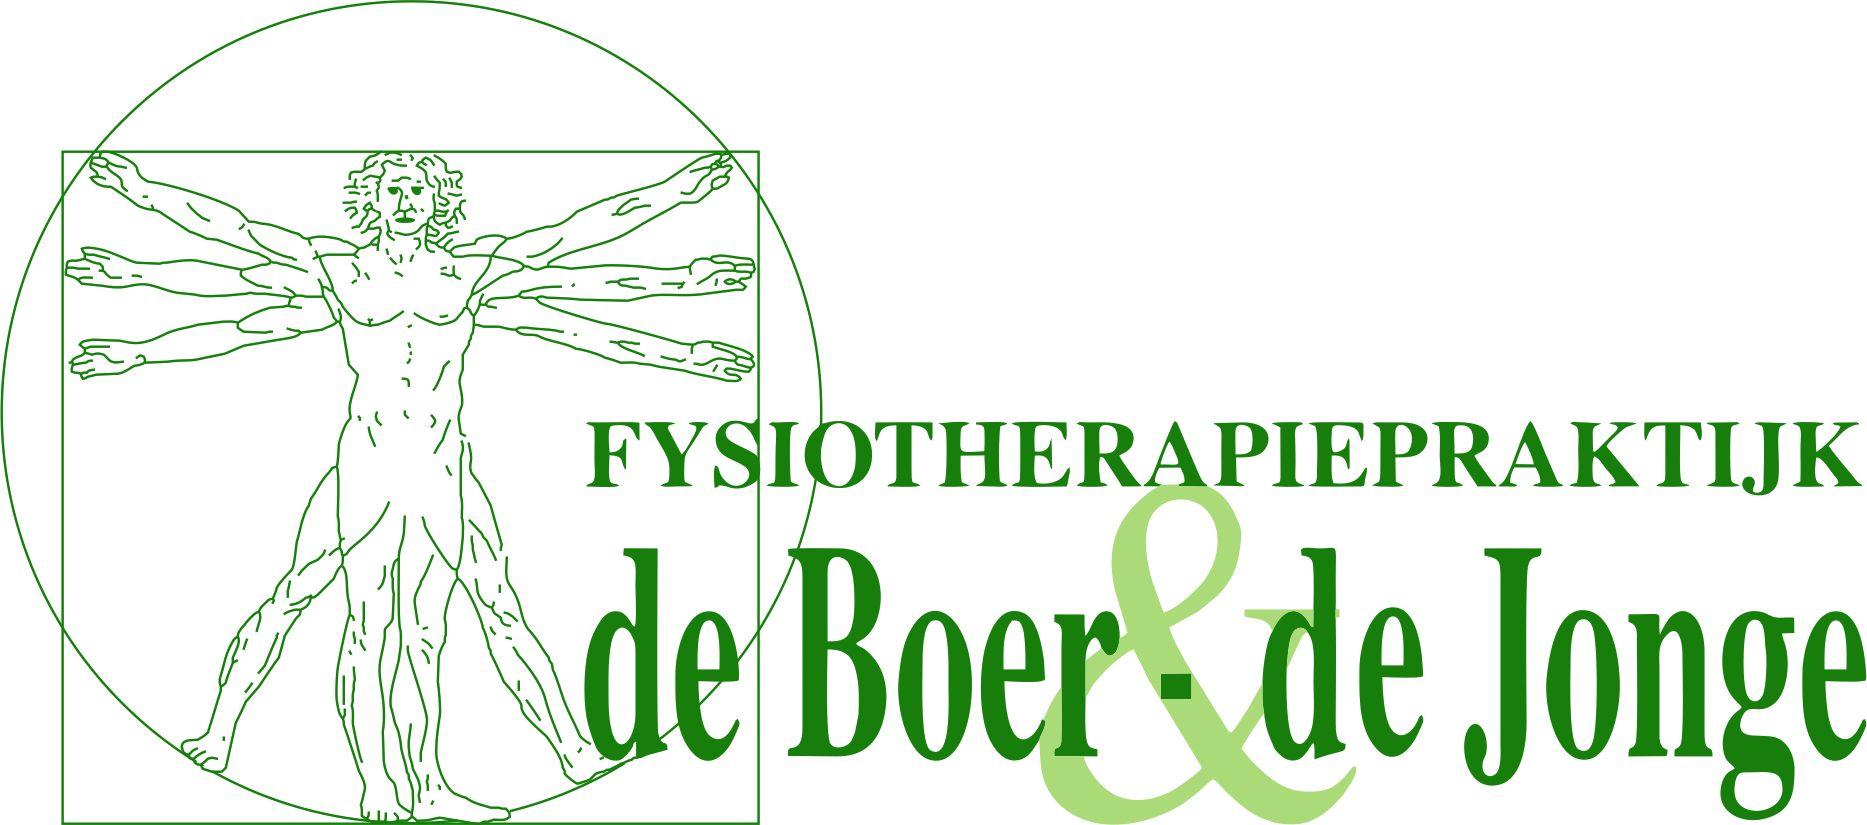 Fysiotherapiepraktijk de Boer & de Jonge